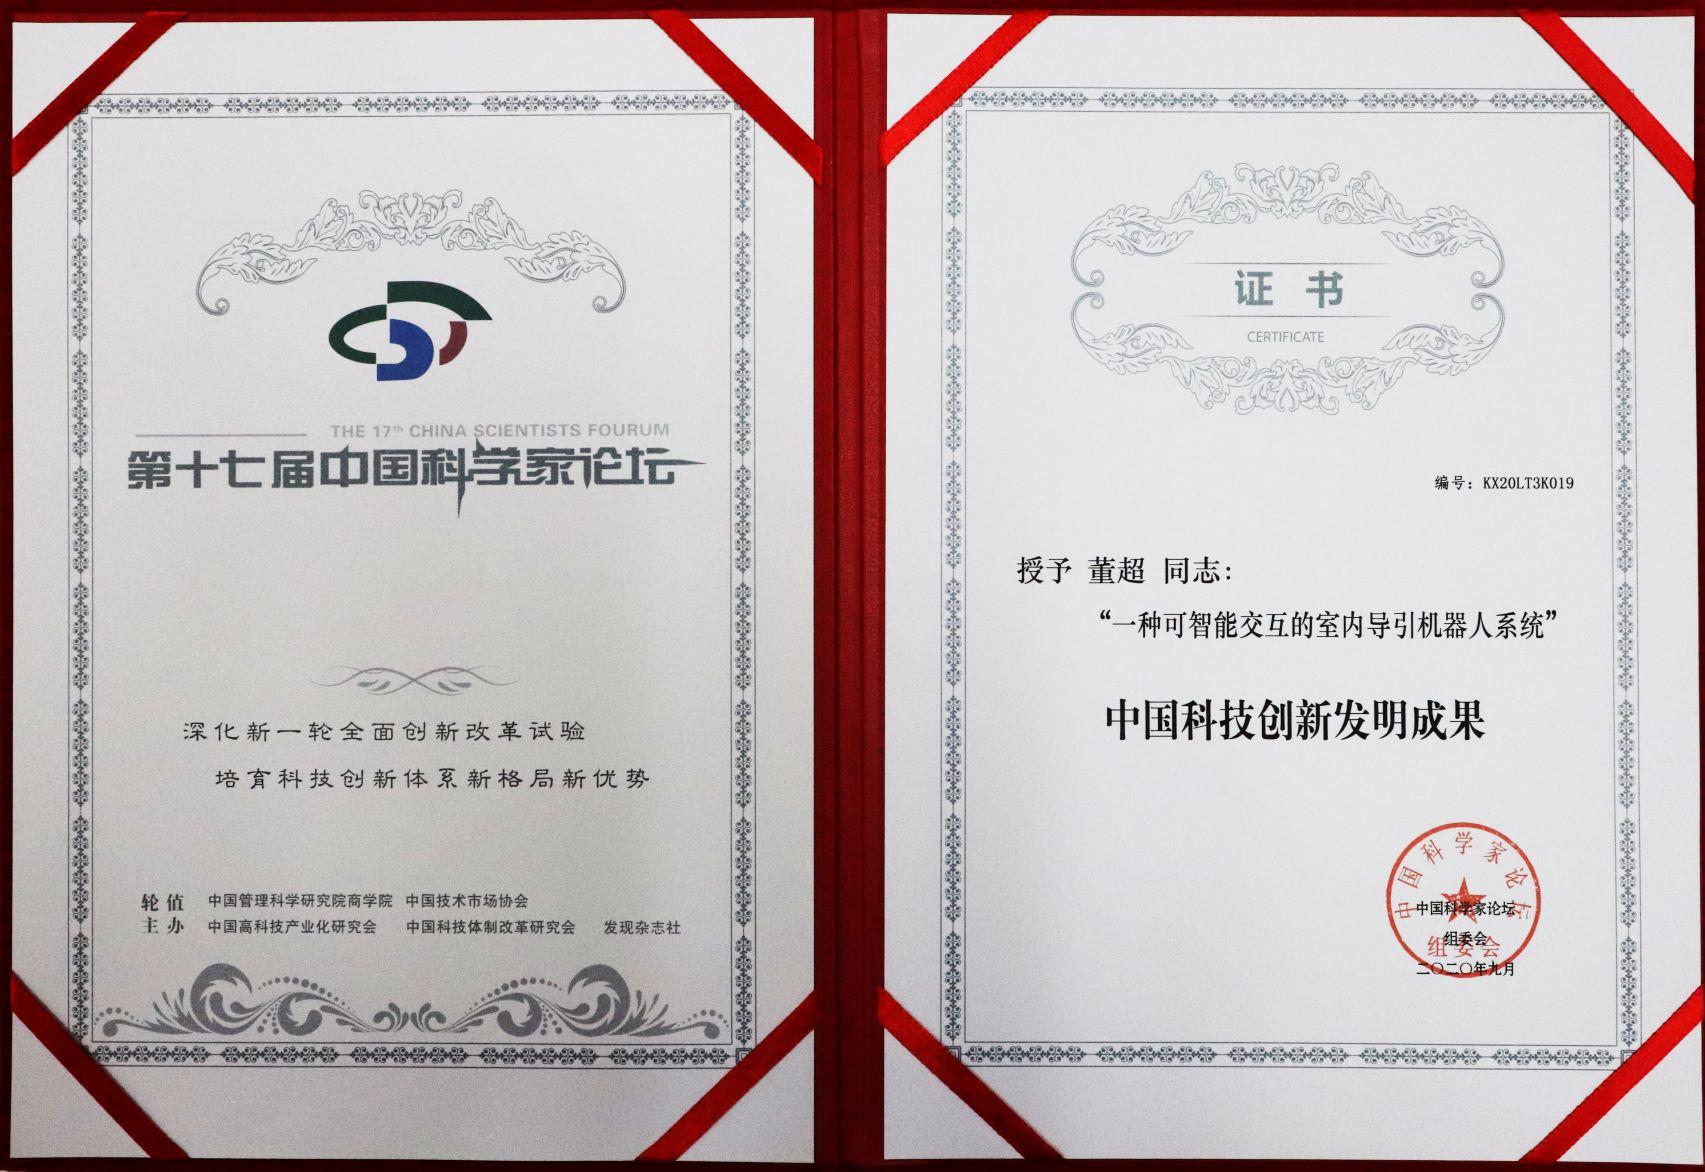 创新服务机器人技术应用,贝叶斯智能获中国科学家论坛多项大奖